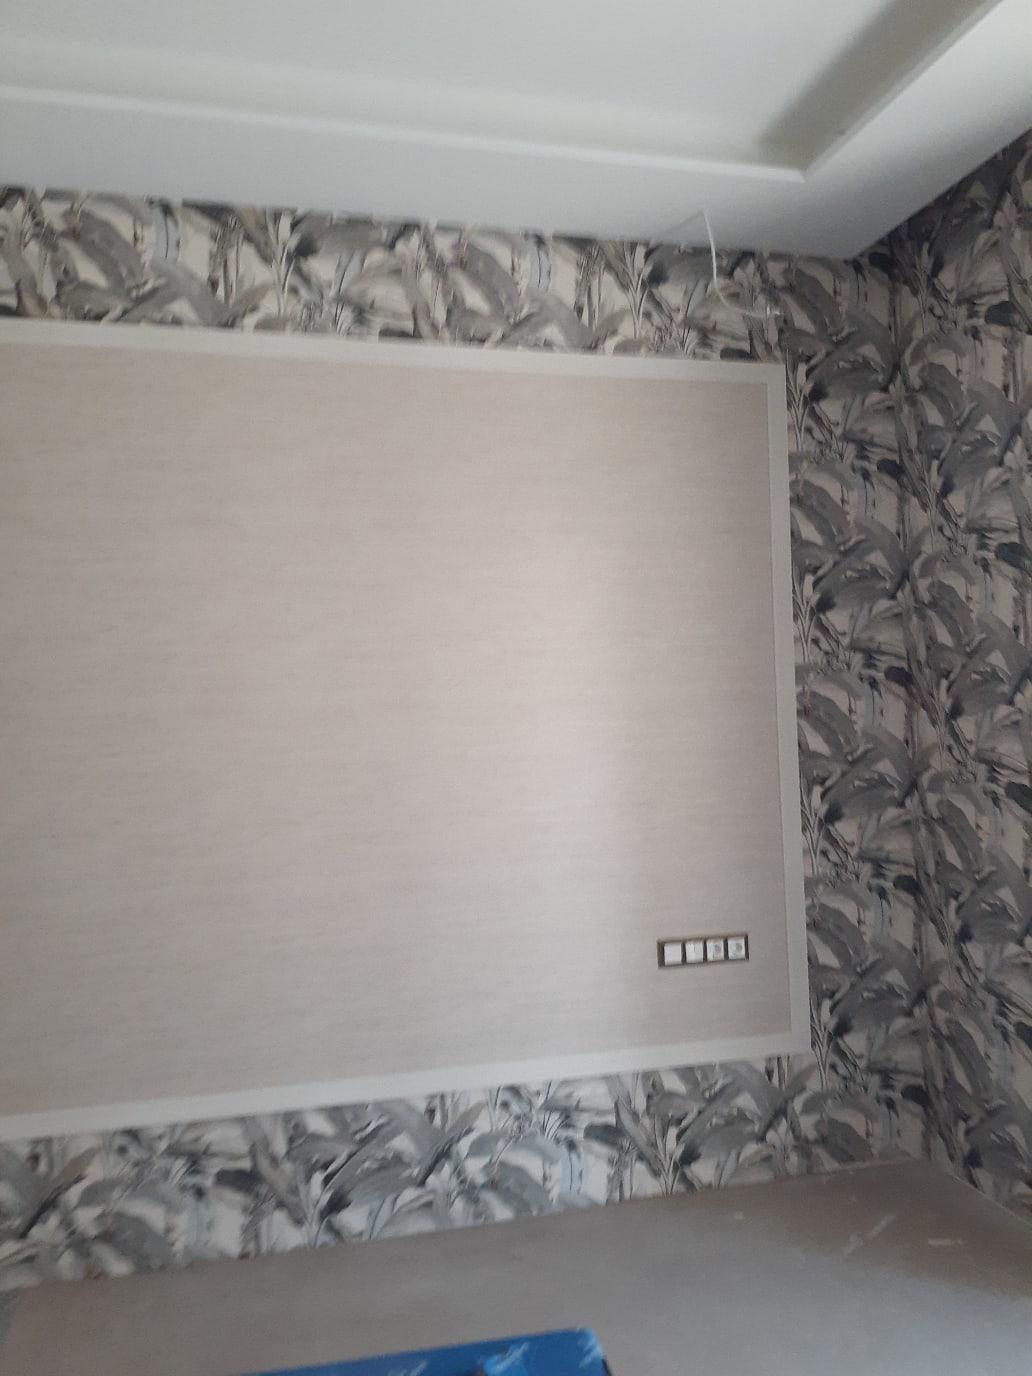 Я мастер профессионал предлагаю свои услуги по поклейку обоев,всех видов и сложности,покраска,выравнивание стен потолков,поклейка потолочных плинтусов.